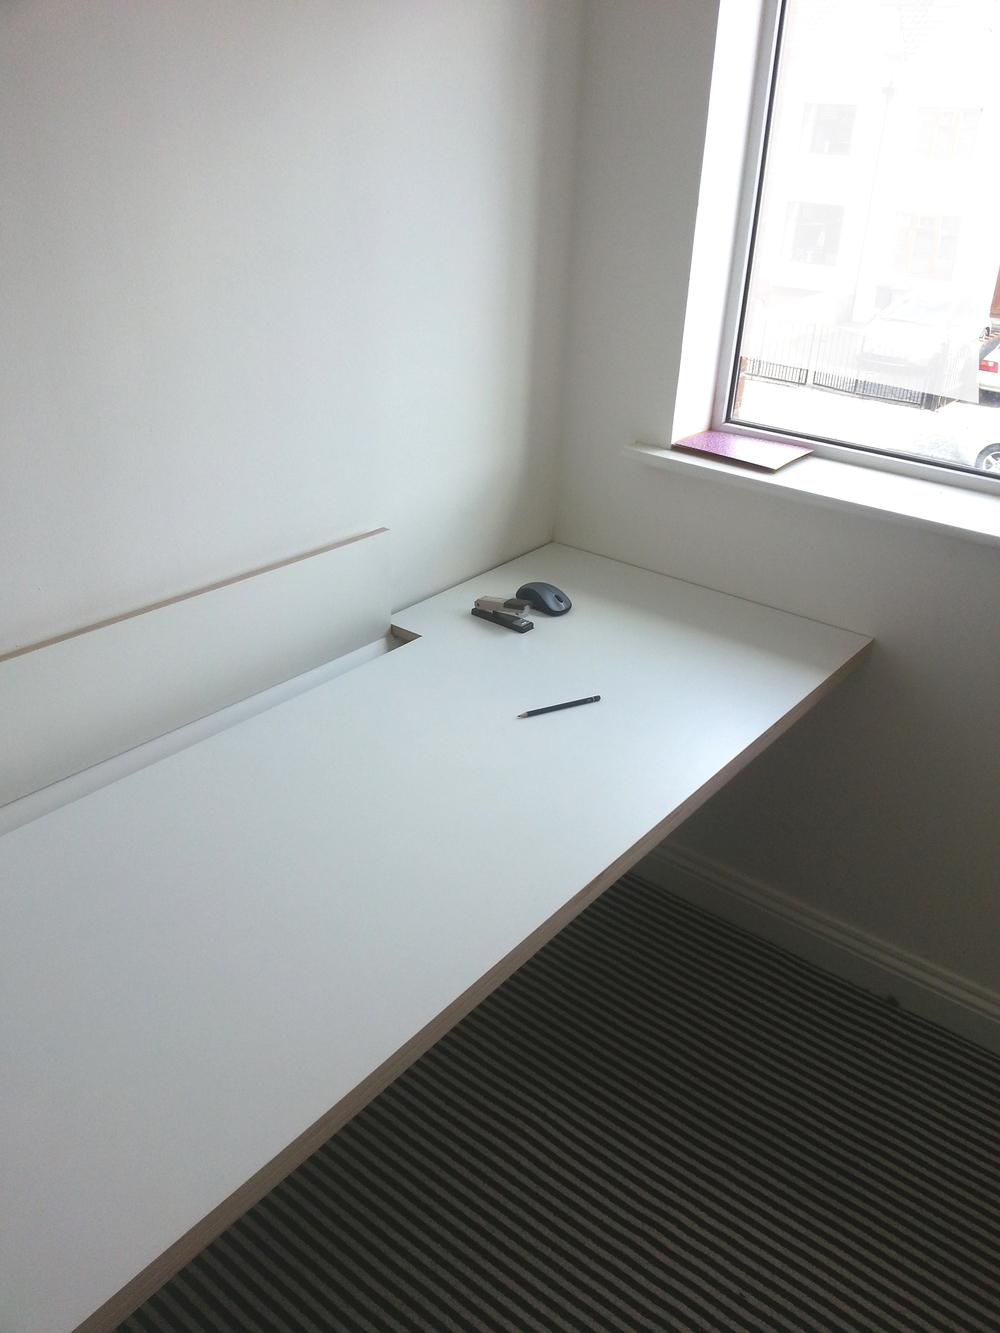 desk2.jpg